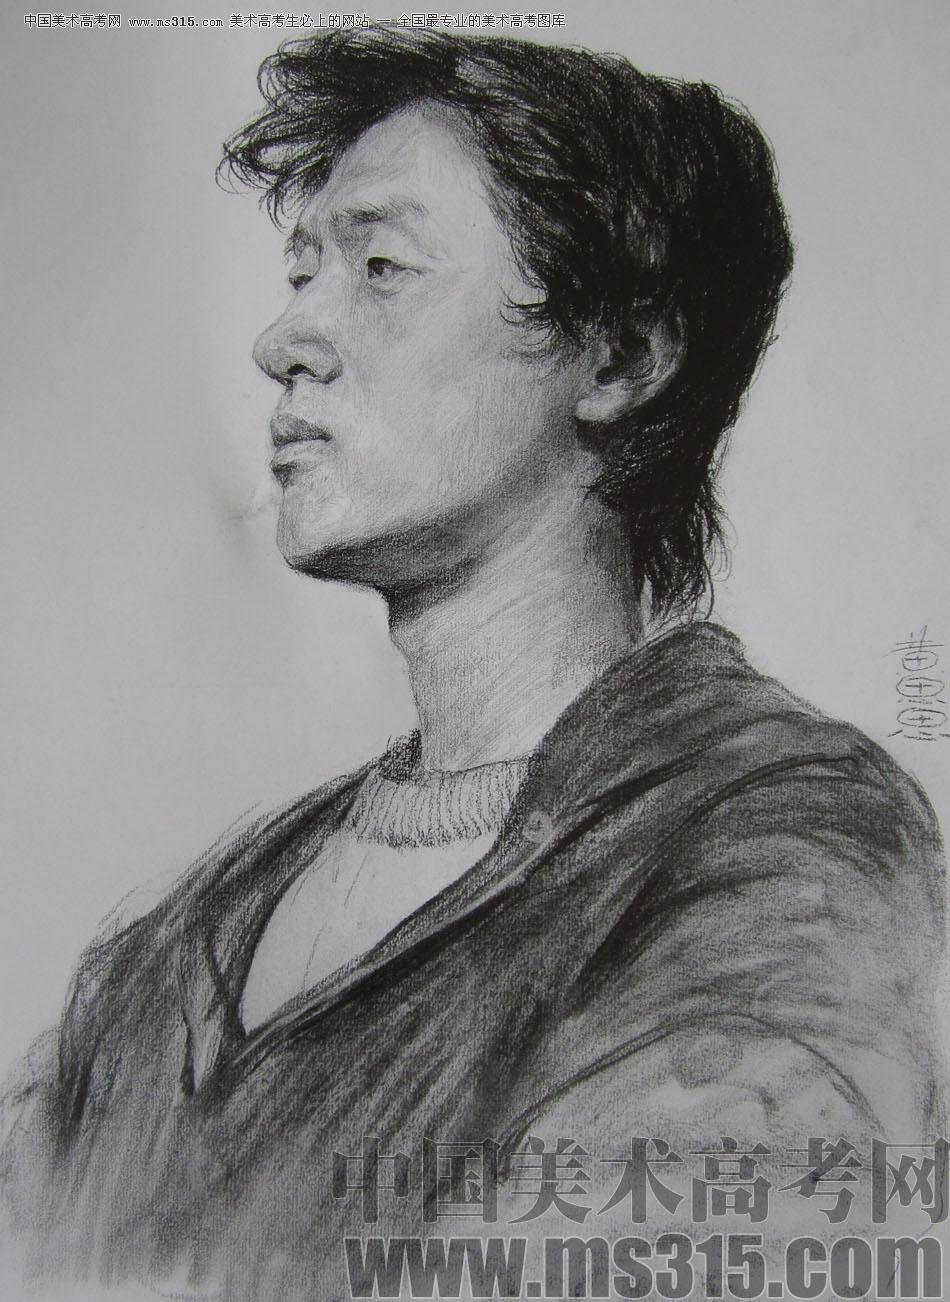 央美清�A�p�钤��S思思素描�^像��秀作品1